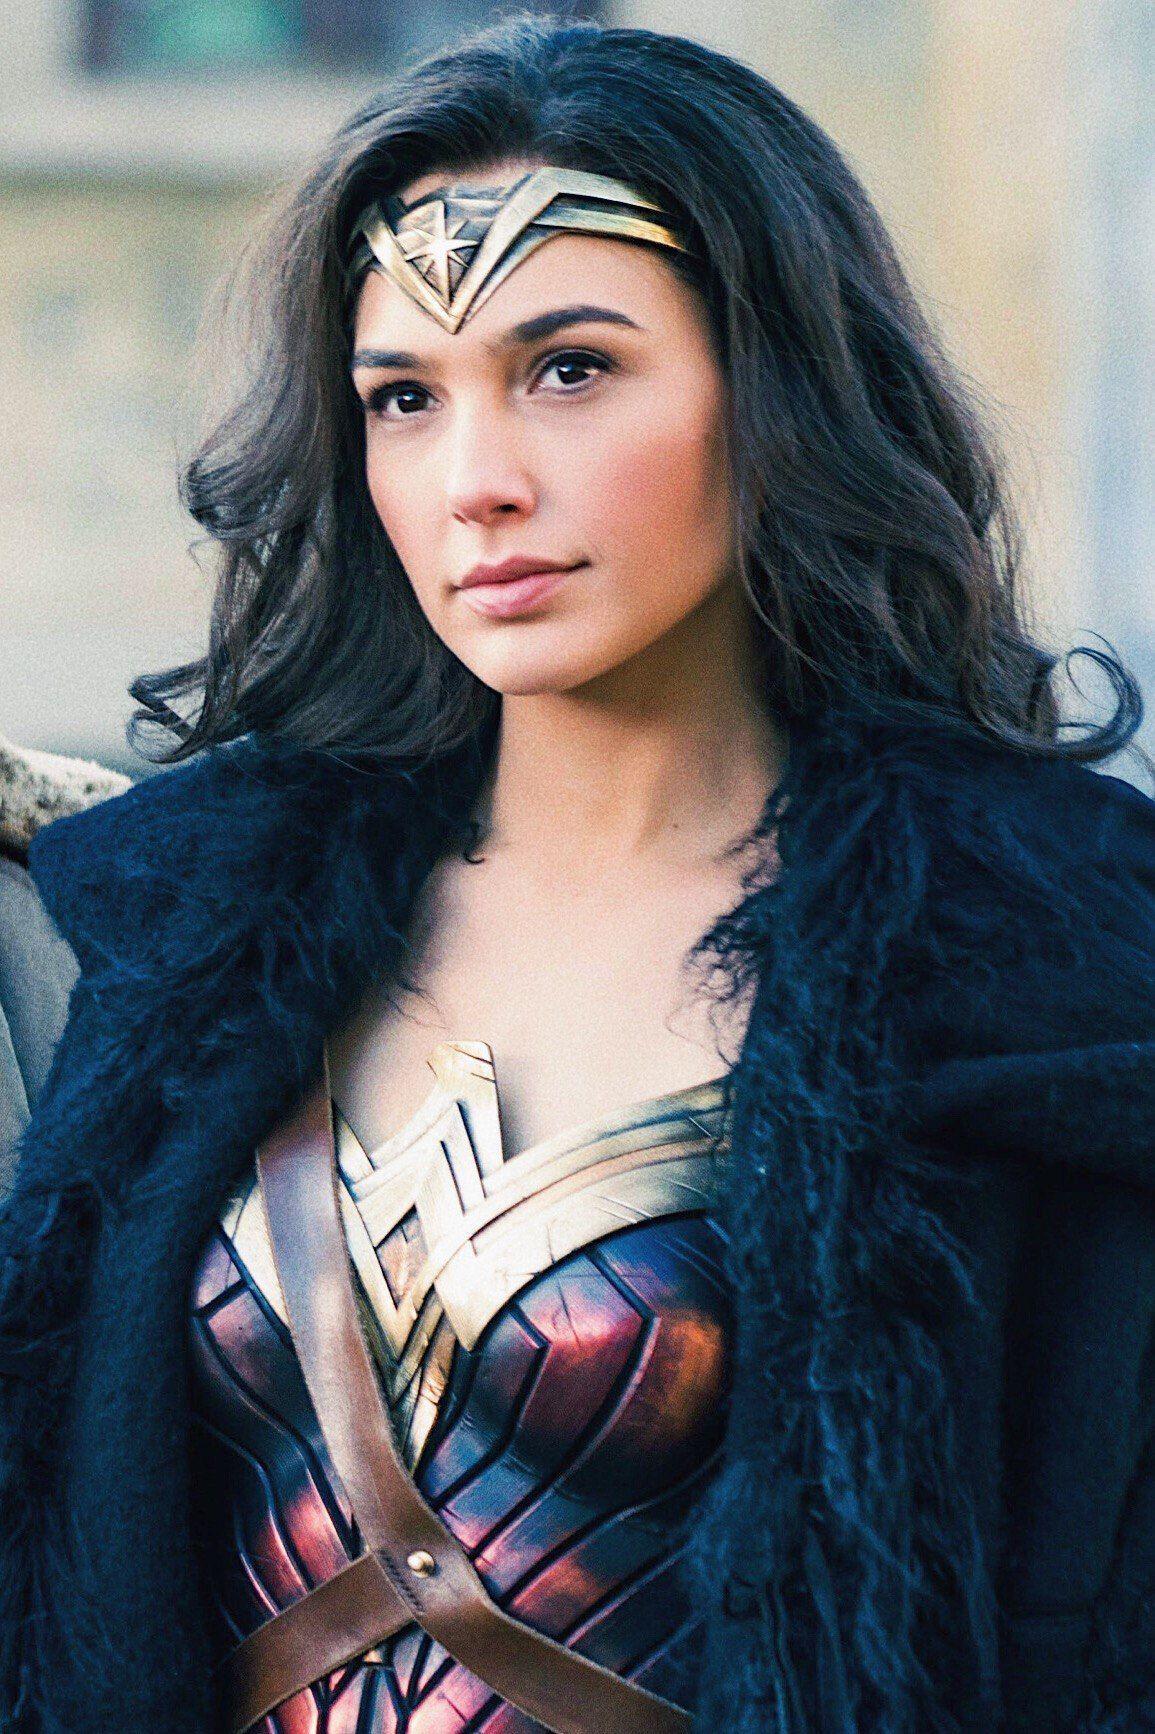 3611a93cd8 Gal Gadot - Wonder Woman